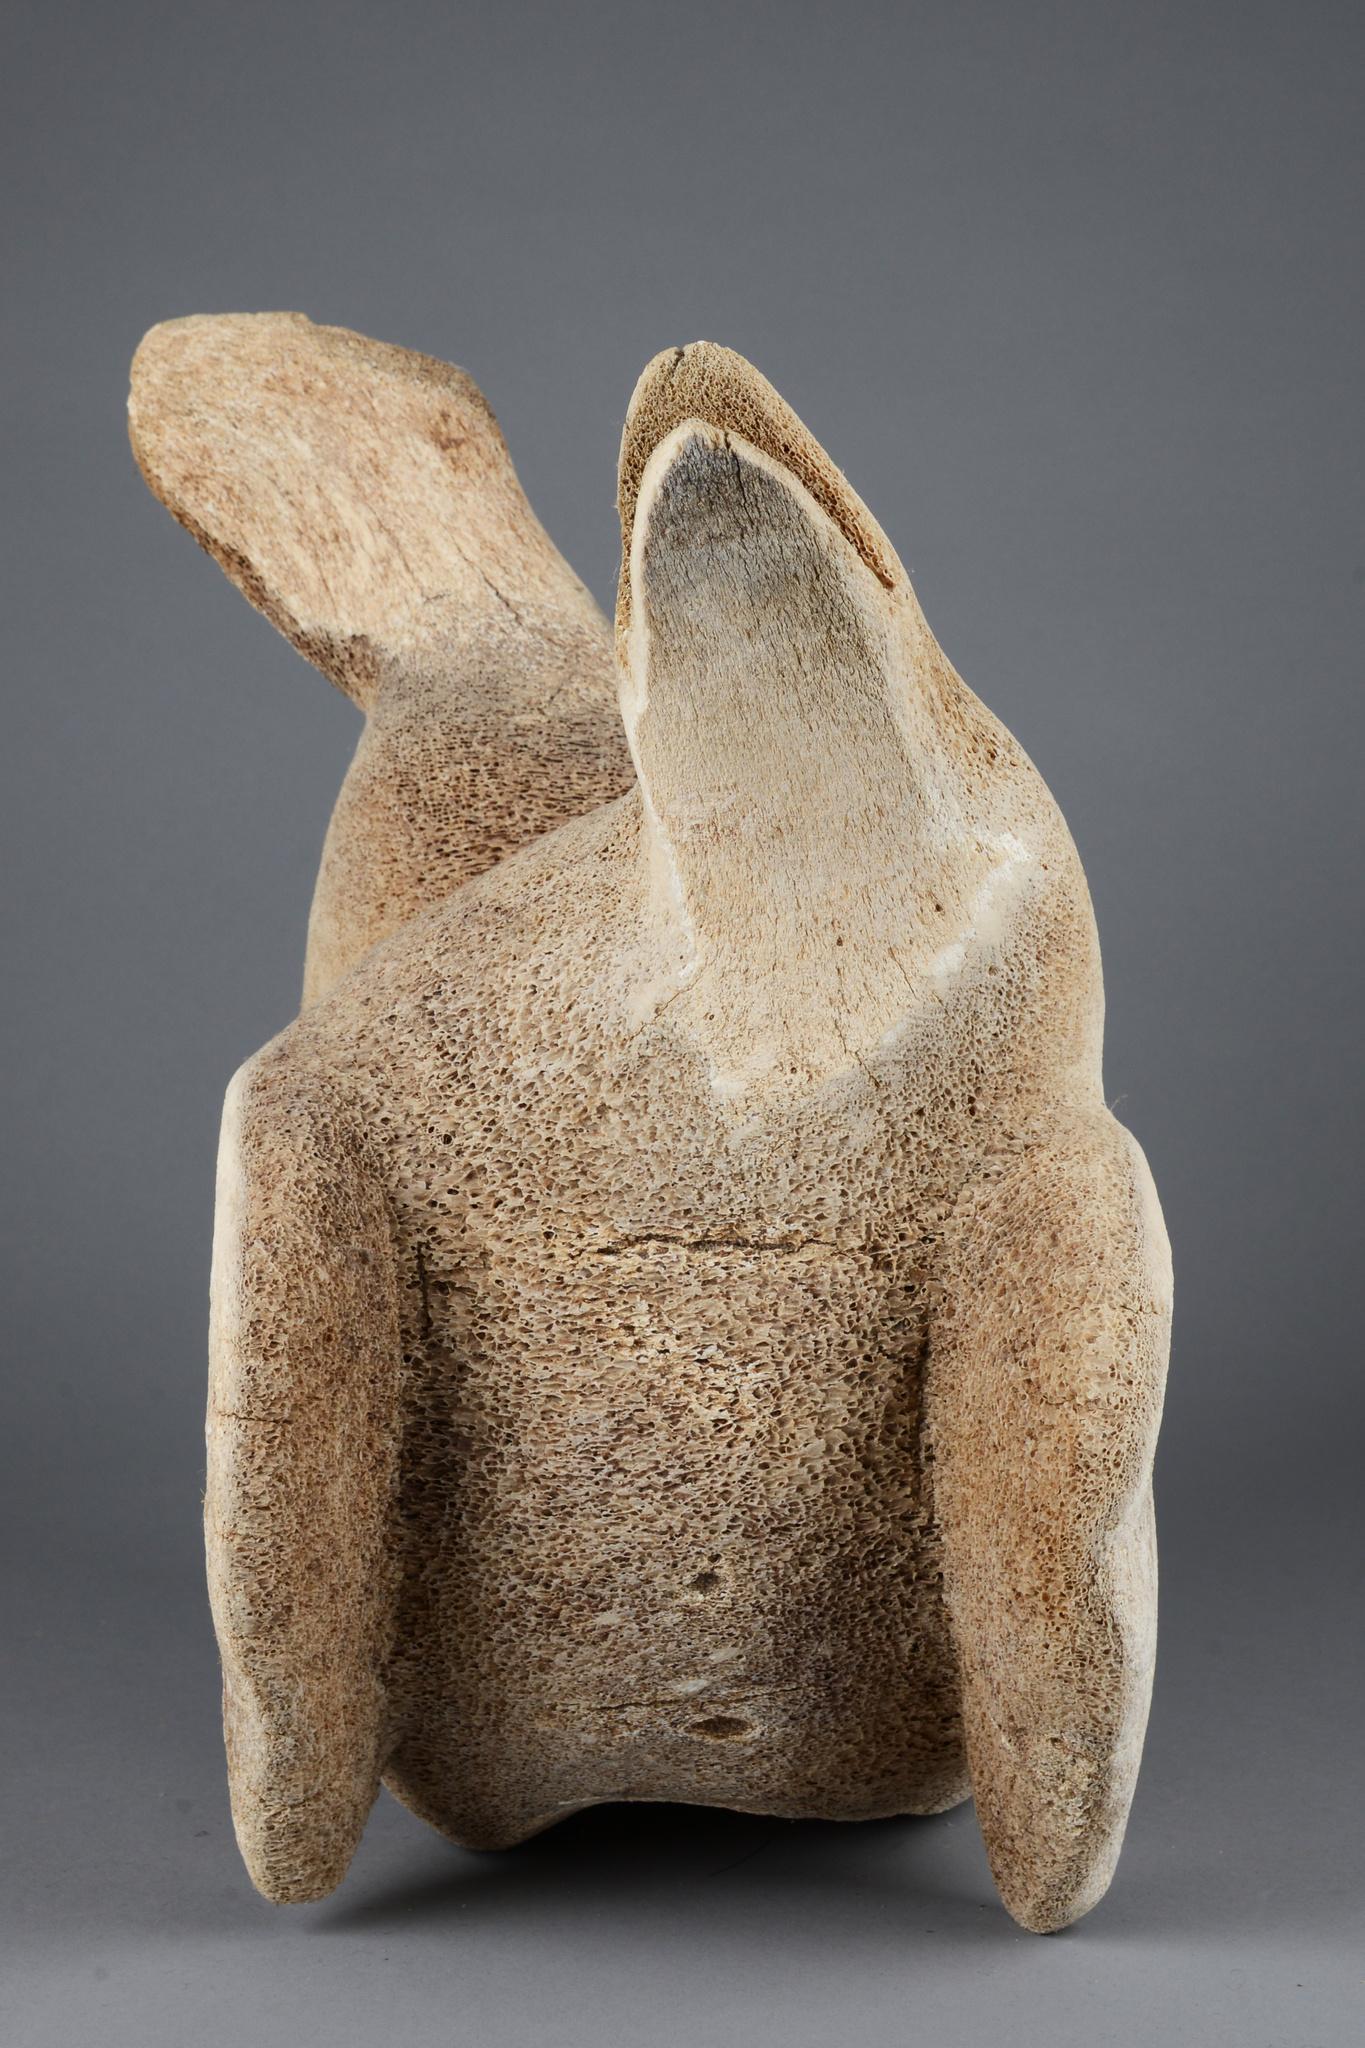 Abstrakte Skulptur einer Robbe